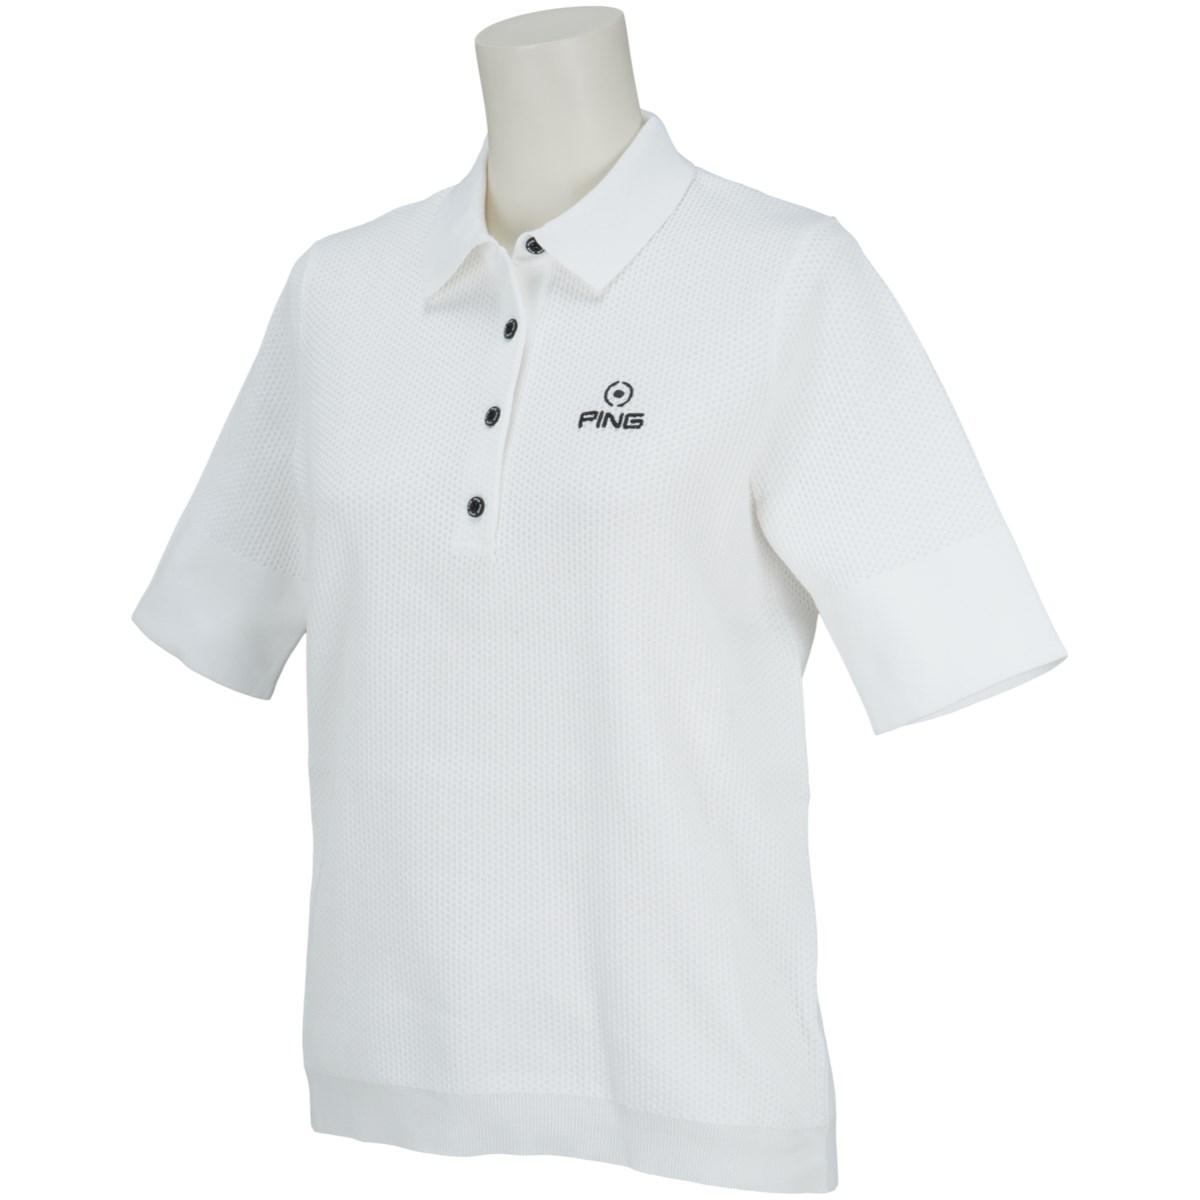 ピン PING ニット5分袖ポロシャツ S ホワイト 030 レディス